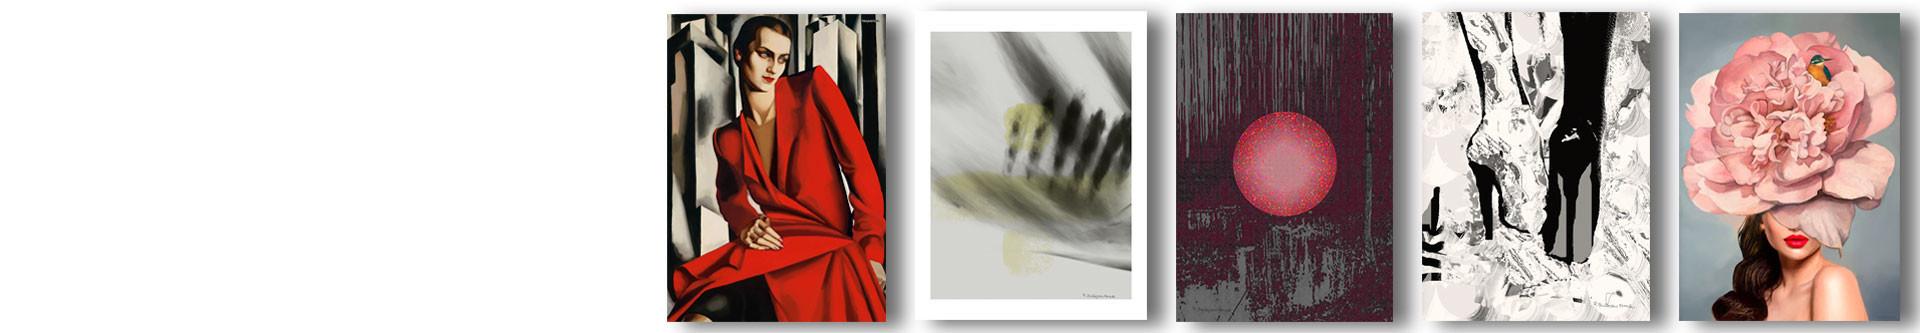 Obrazy do przedpokoju  • obrazy na wymiar.